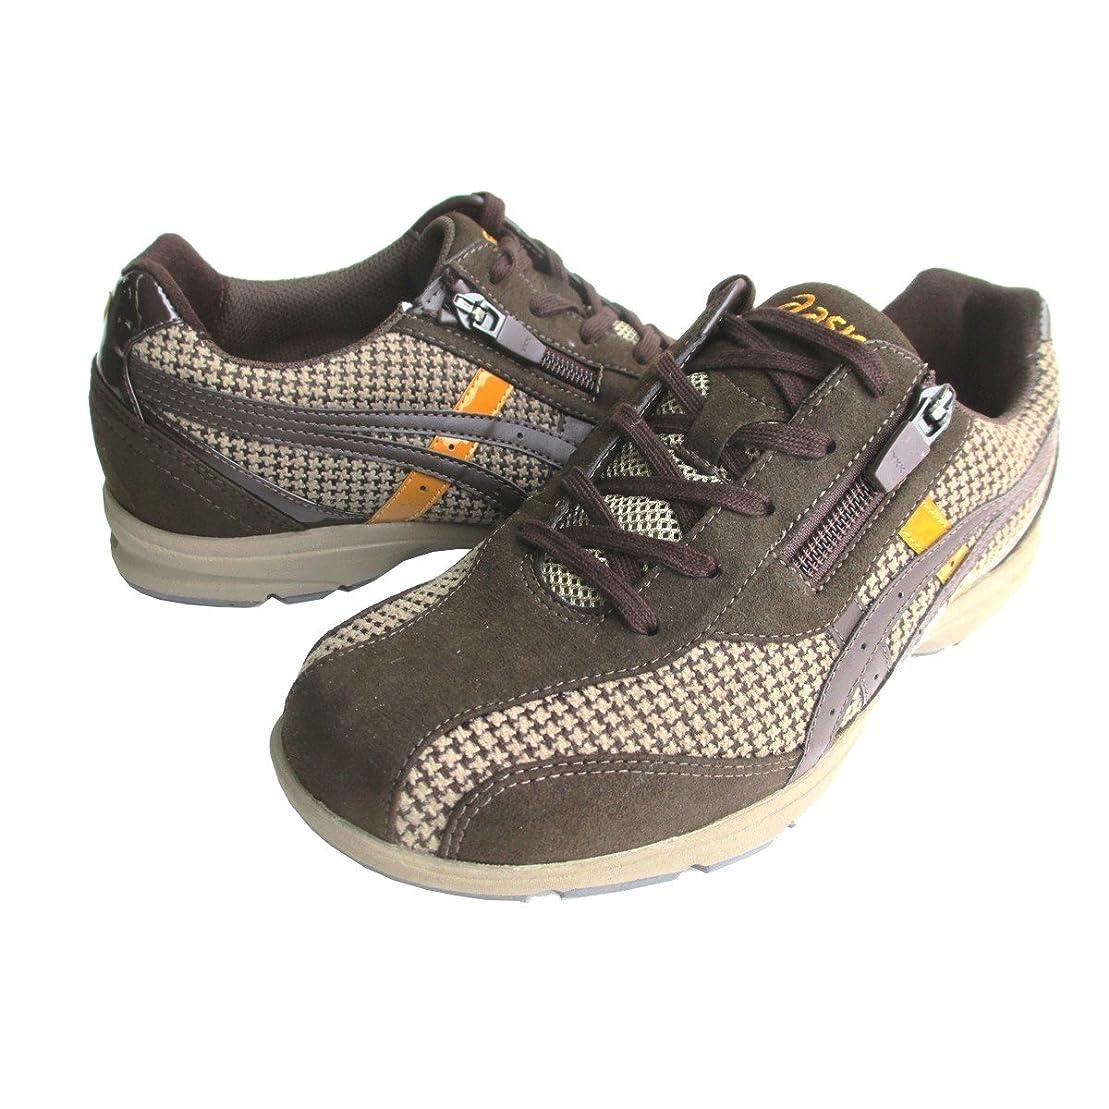 マーキー訪問アーサーコナンドイル[アシックス] TDW750 HADASHIWALKER750(W) ハダシウォーカー レディース フィットネス ウォーキング スニーカー 軽量 お買い物靴 お散歩靴 ショッピング 普段履き